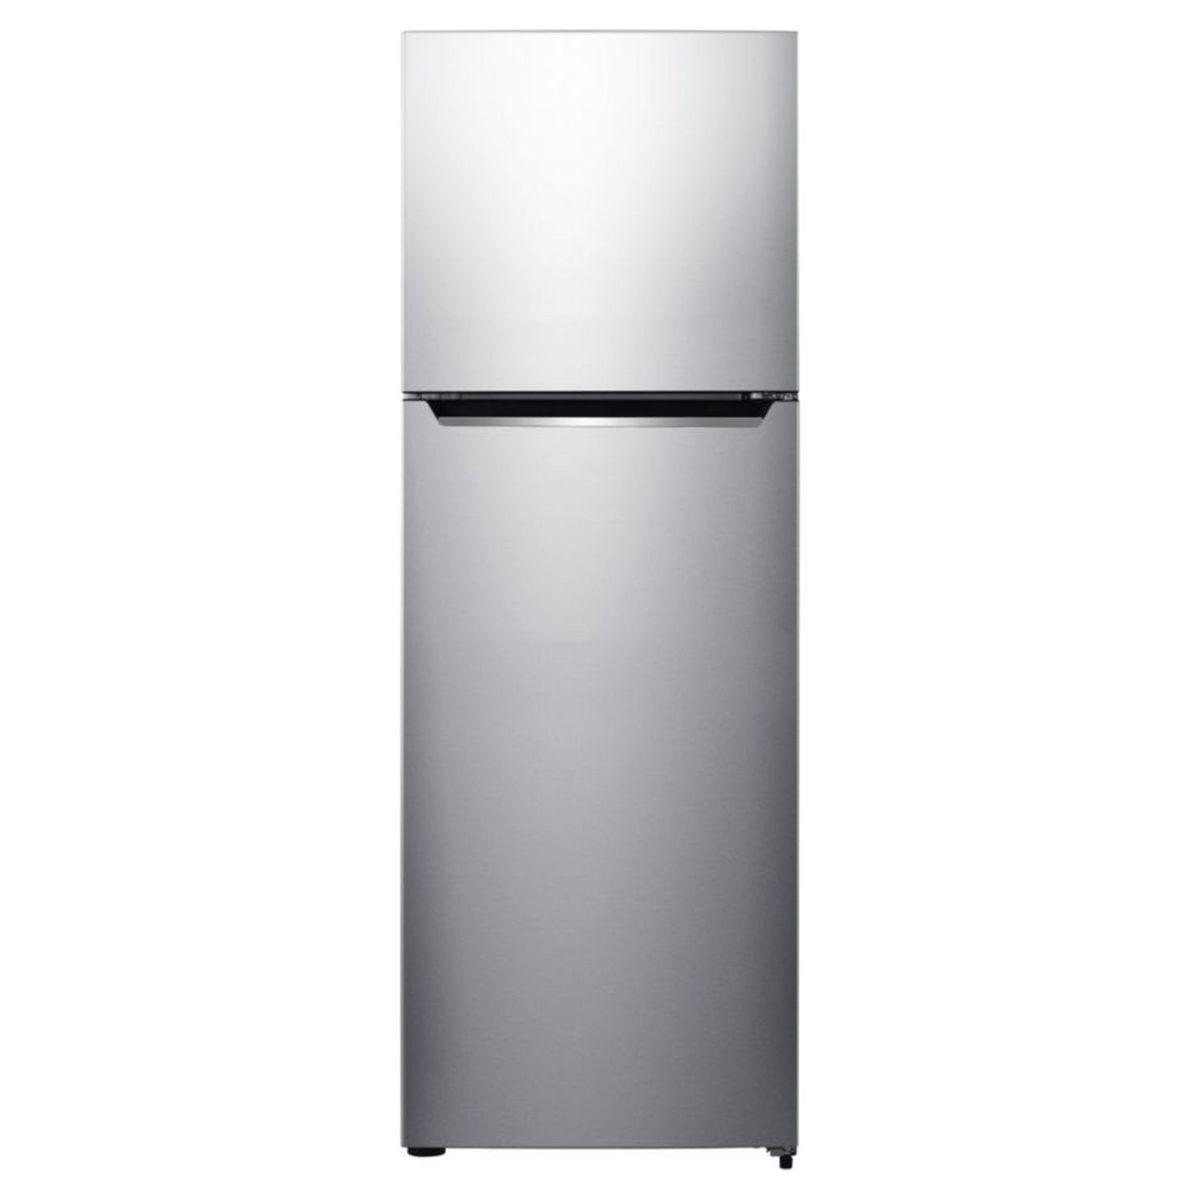 Réfrigérateur 2 portes RT417N4DC1, 321 L, Froid ventilé No Frost